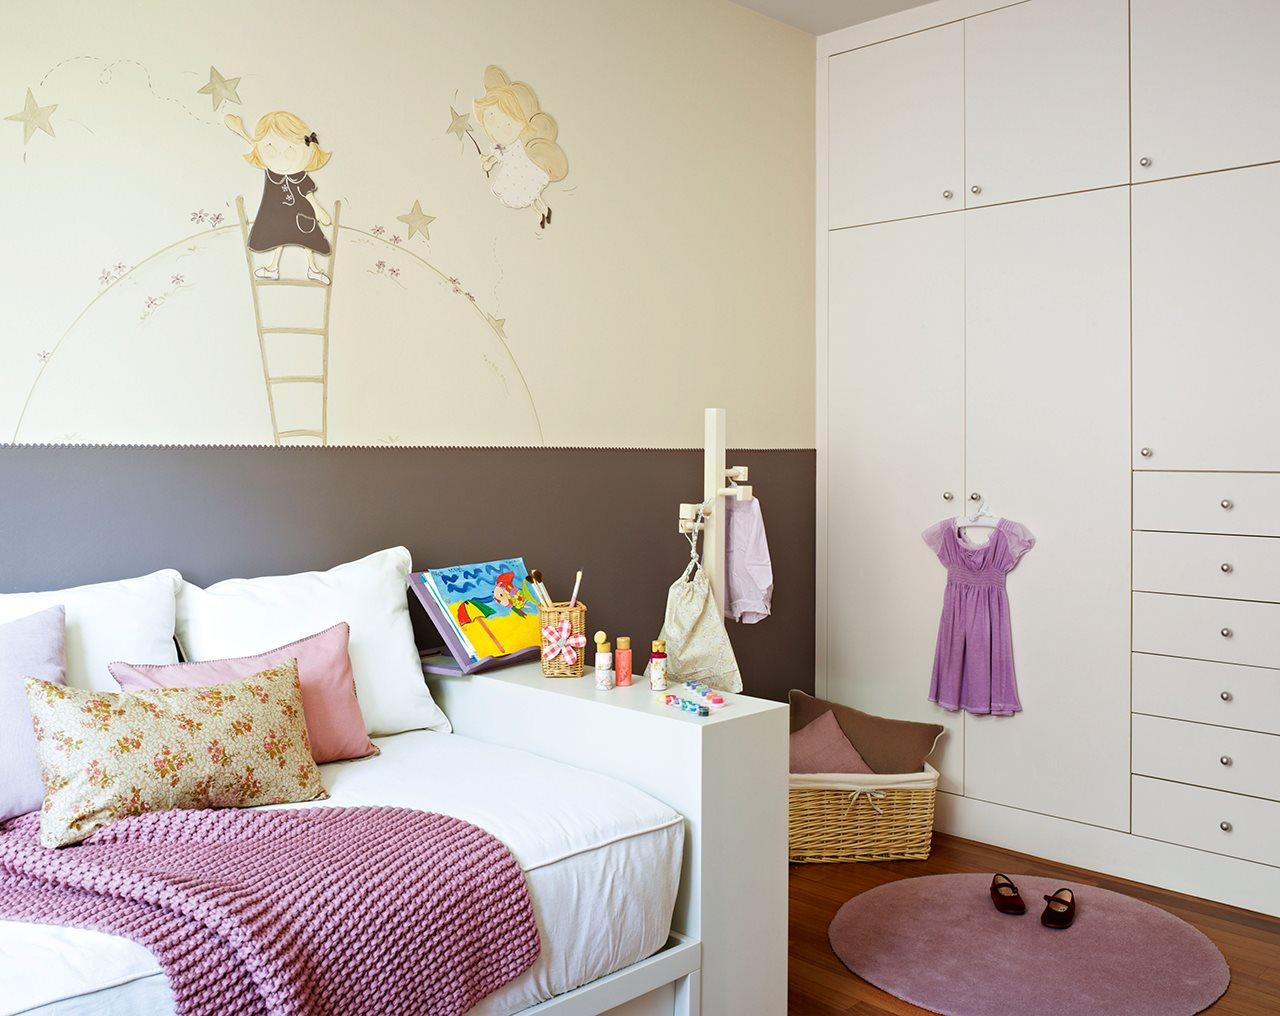 dormitorio infantil con dibujos en las paredes y un gran armario blanco